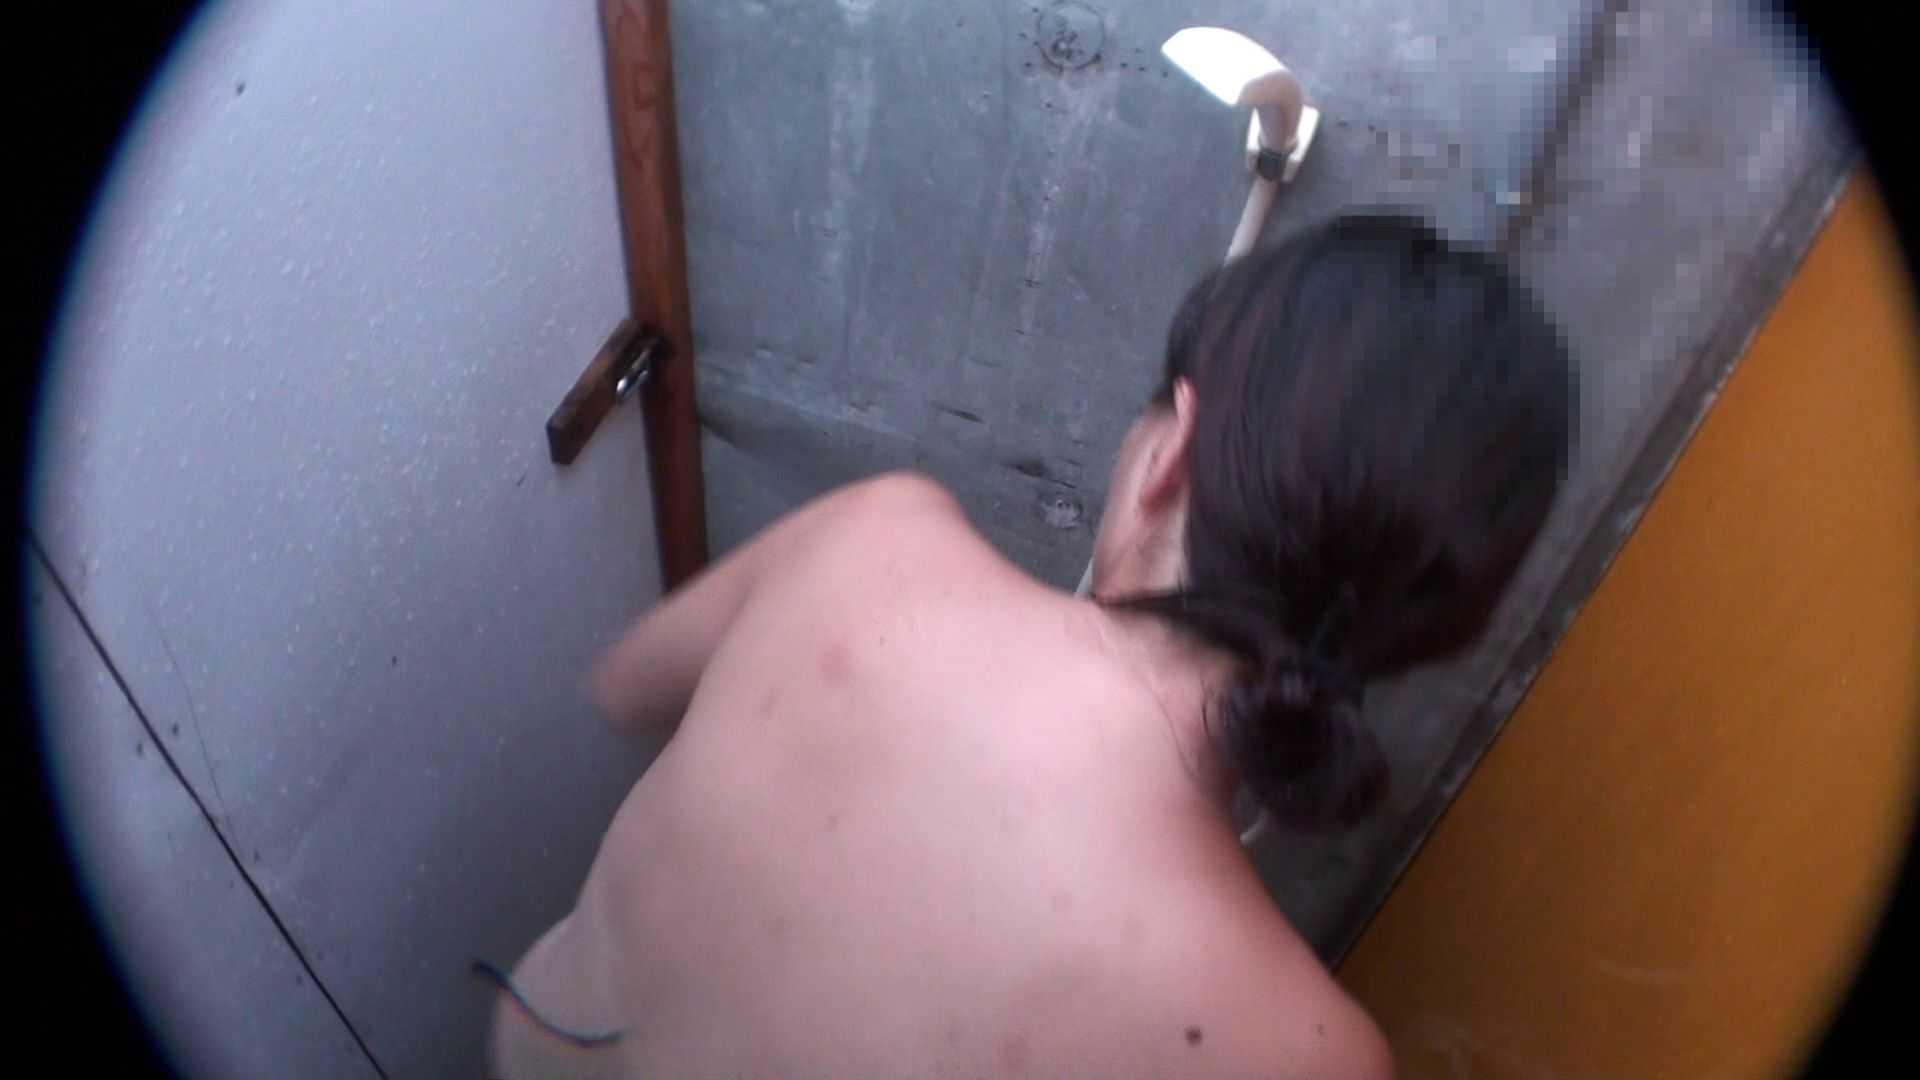 ハイビジョンシャワールームは超!!危険な香りVol.31 清楚なママのパンツはティーバック 脱衣所の着替え  103画像 102